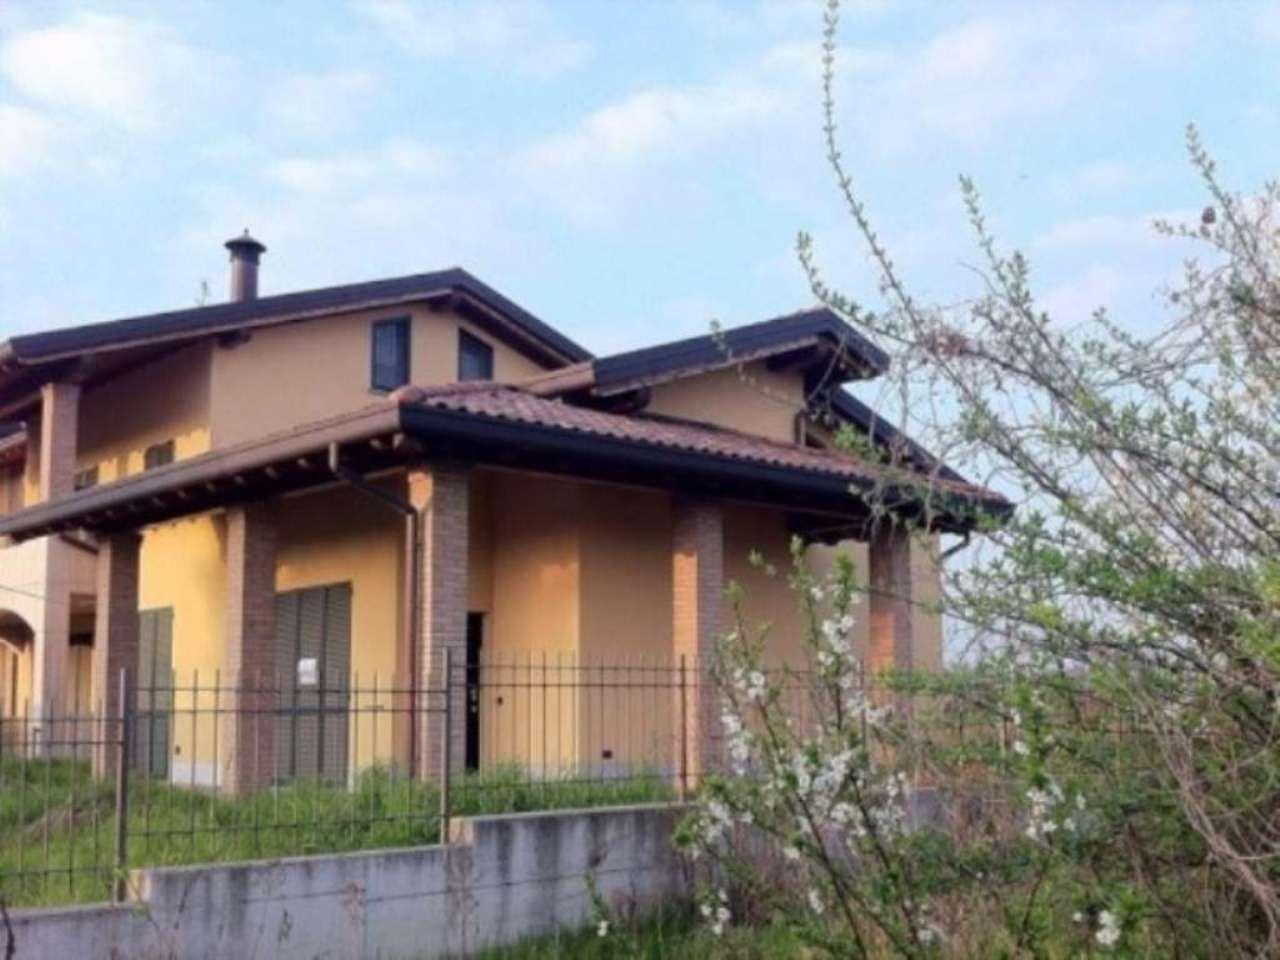 Villa in vendita a Fara Gera d'Adda, 5 locali, prezzo € 335.000 | Cambio Casa.it